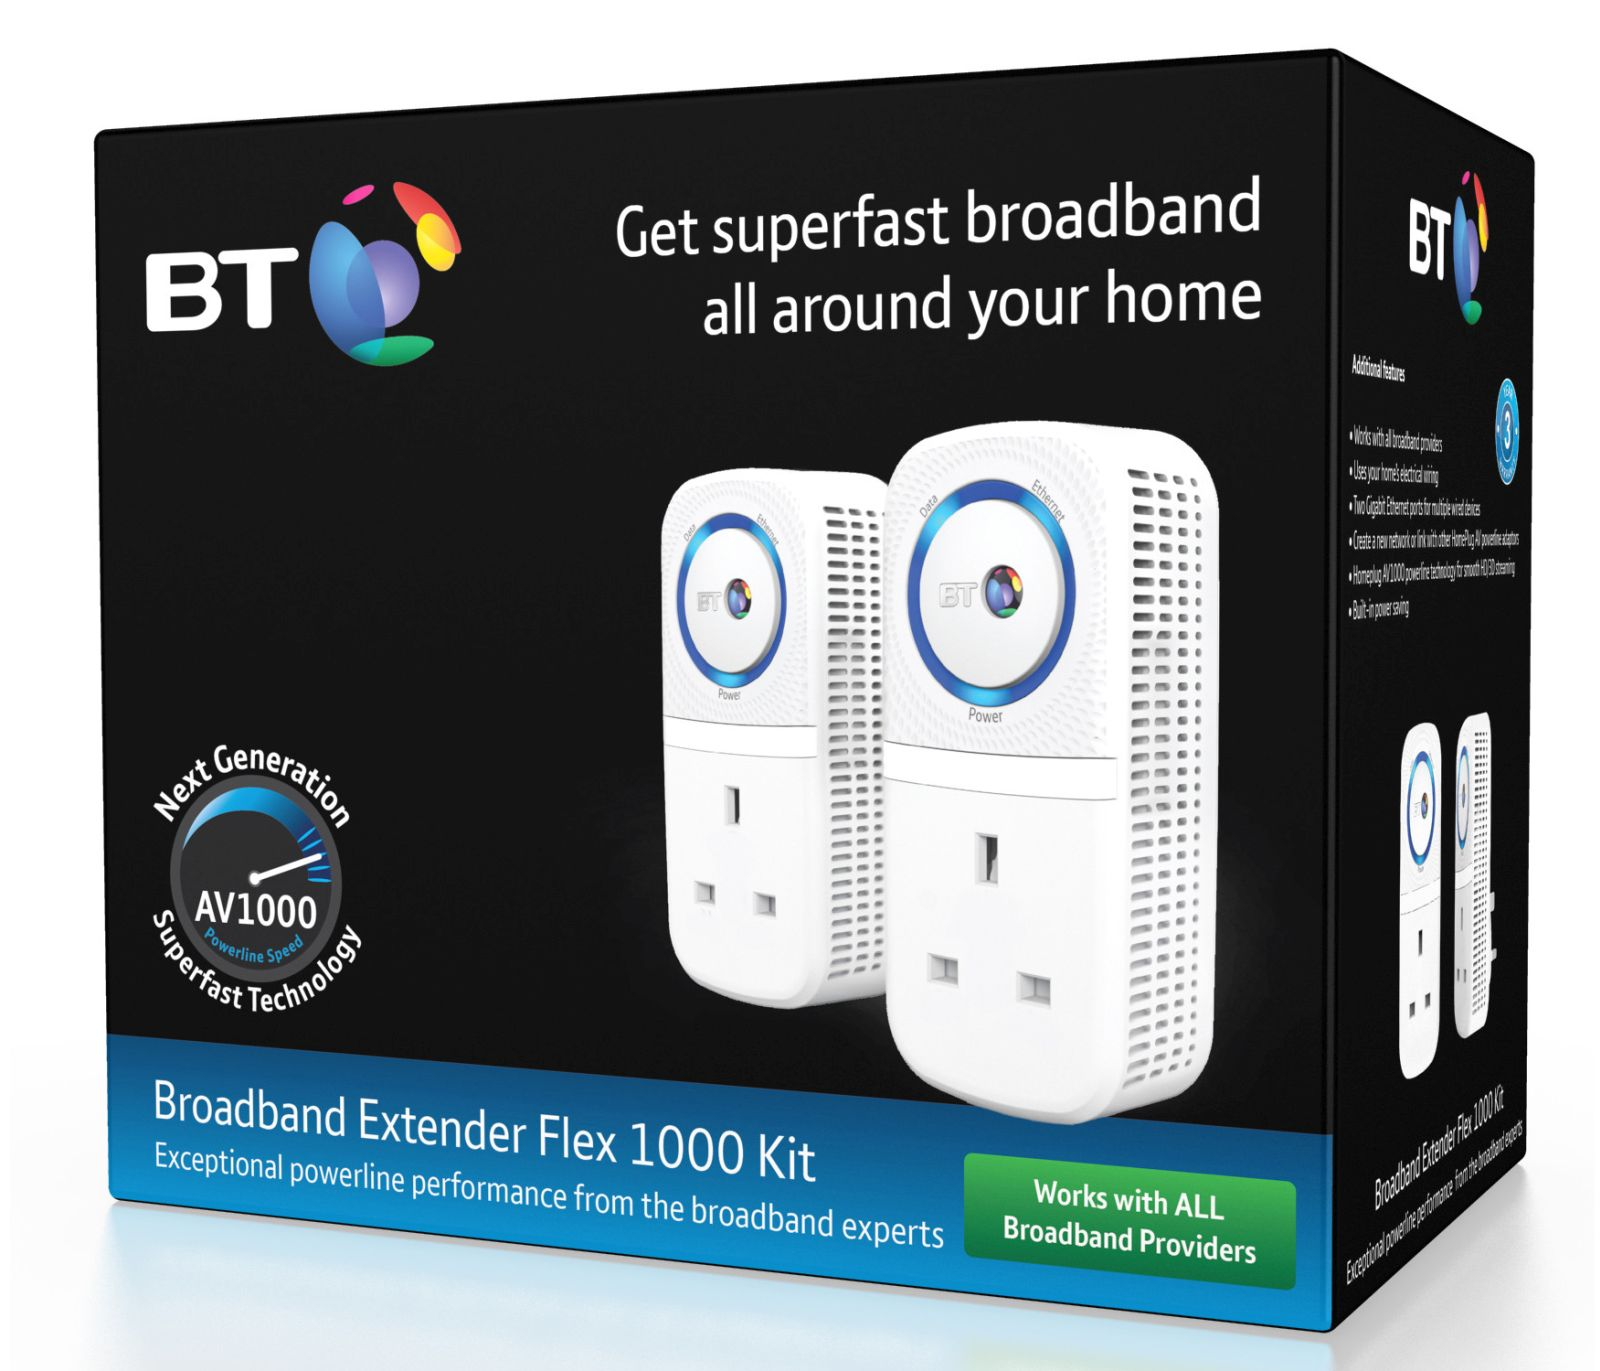 Image of BT Broadband Extender Flex 1000 Kit